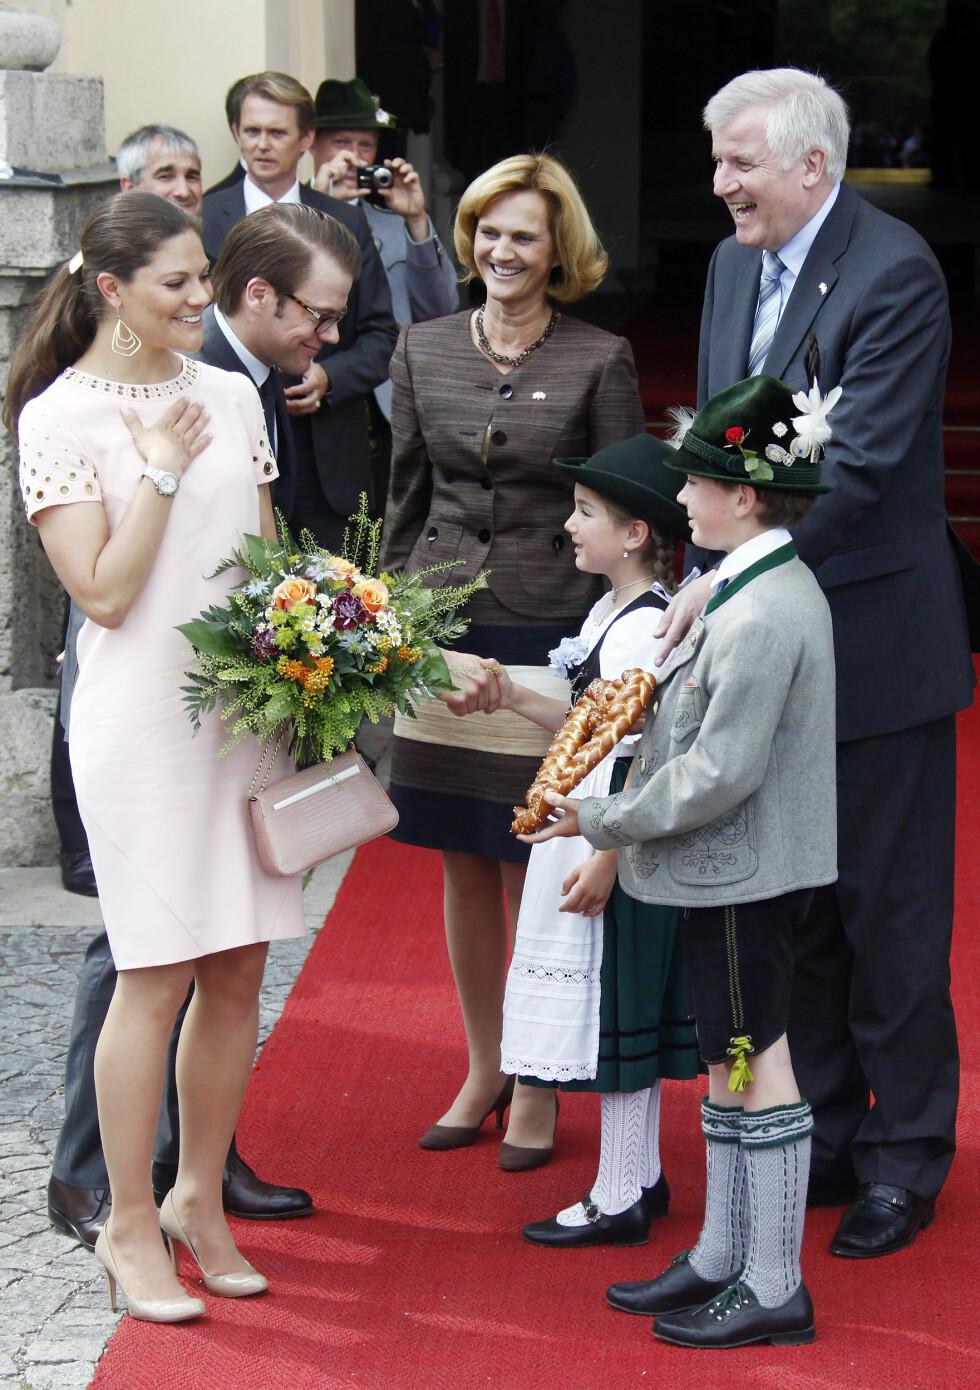 I TYSKLAND: Kronprinsesse Victoria og ektemannen prins Daniel hilste på barn i tradisjonelle klær under et besøk i München i Tyskland i 2011. I bakgrunnen er statsminister Horst Seehofer av Bayern og hans kone Karin. Foto: NTB Scanpix